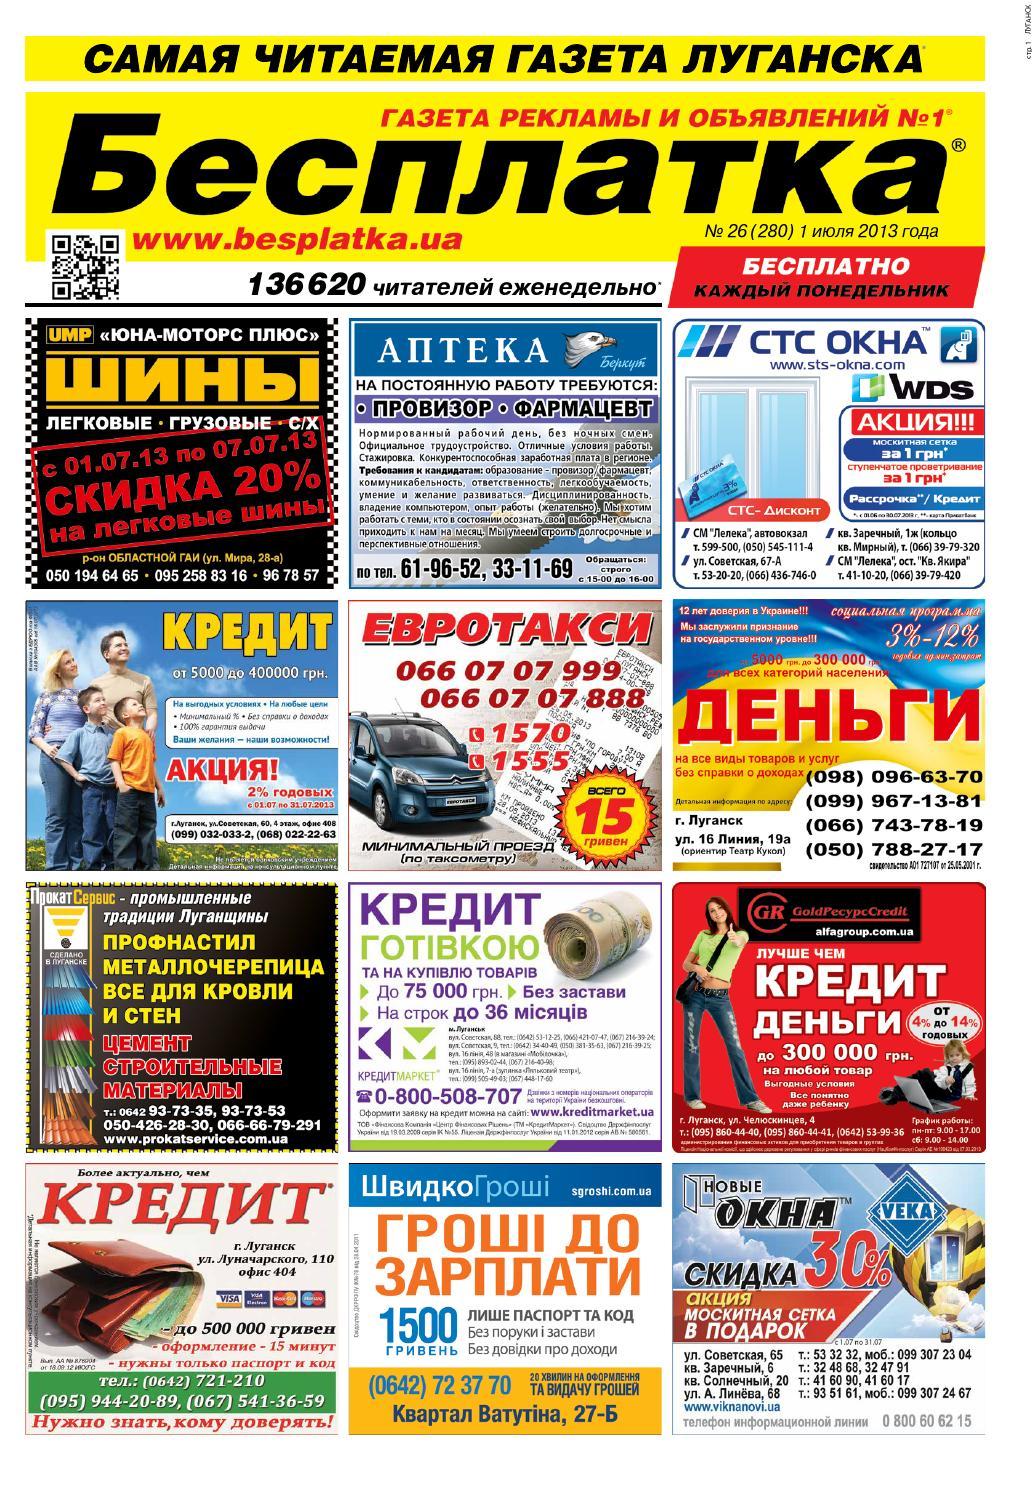 Besplatka lugansk 01 07 2013 by besplatka ukraine - issuu 6254f7d87a1ae